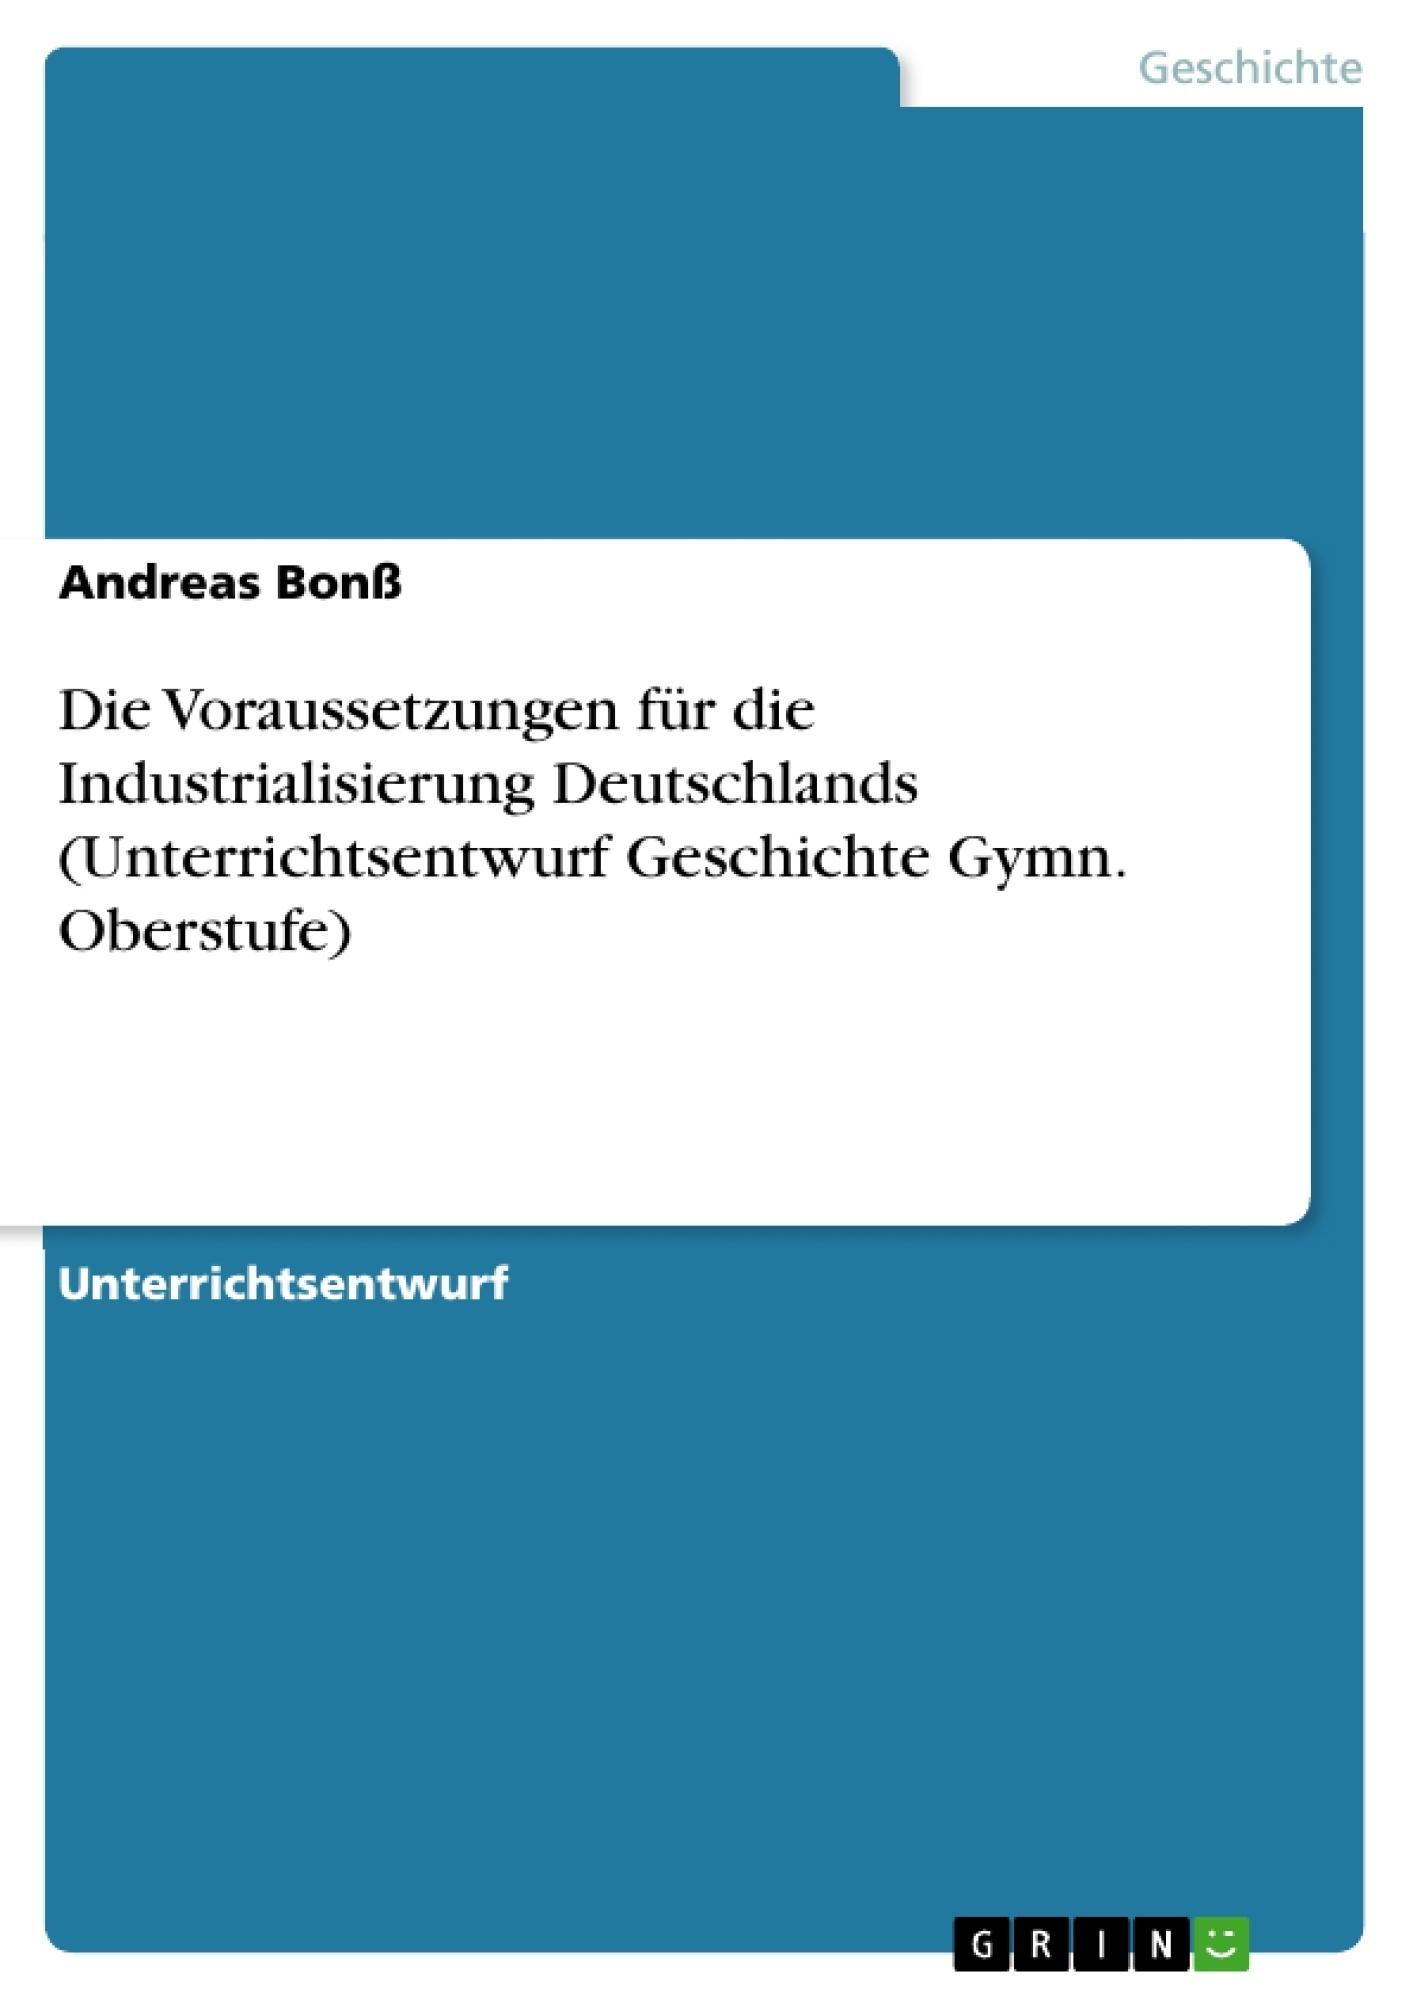 Titel: Die Voraussetzungen für die Industrialisierung Deutschlands (Unterrichtsentwurf Geschichte Gymn. Oberstufe)